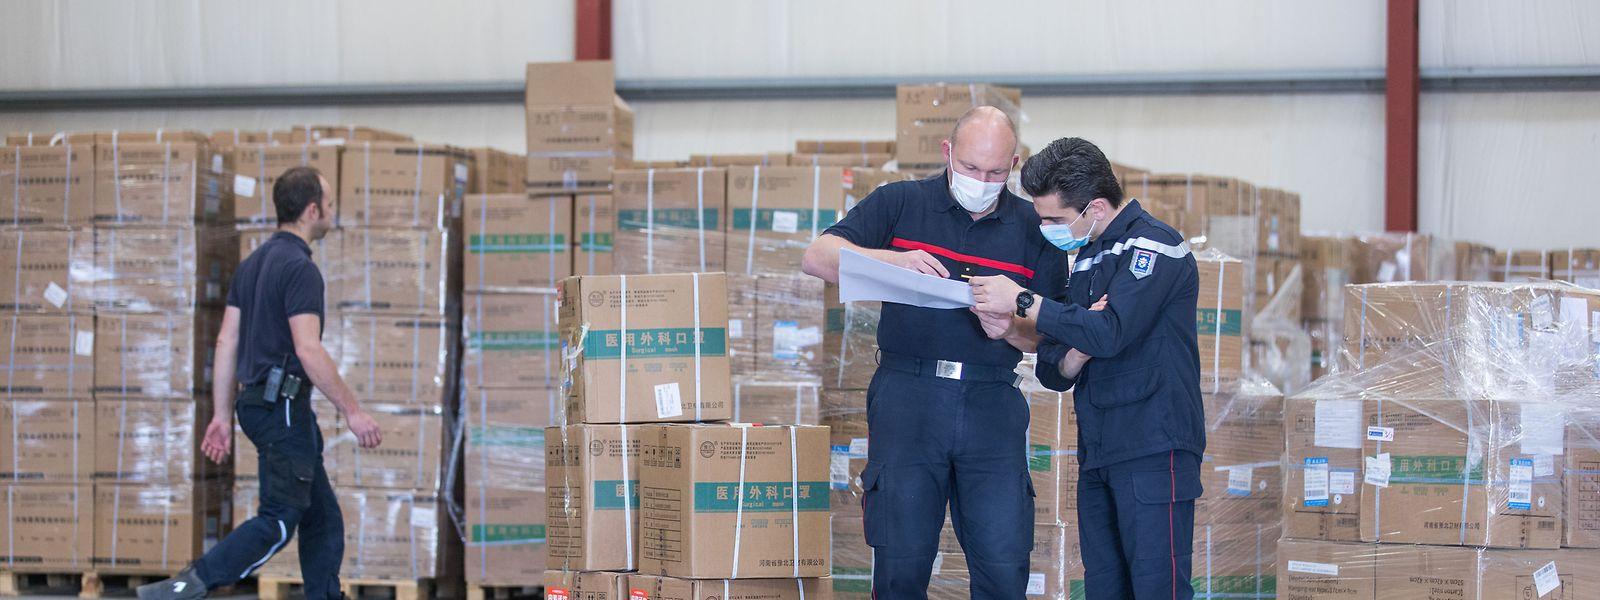 Comme ici à Mersch, la première vague de distribution de masques (27 millions d'unités) avait été prise en charge par le CGDIS.